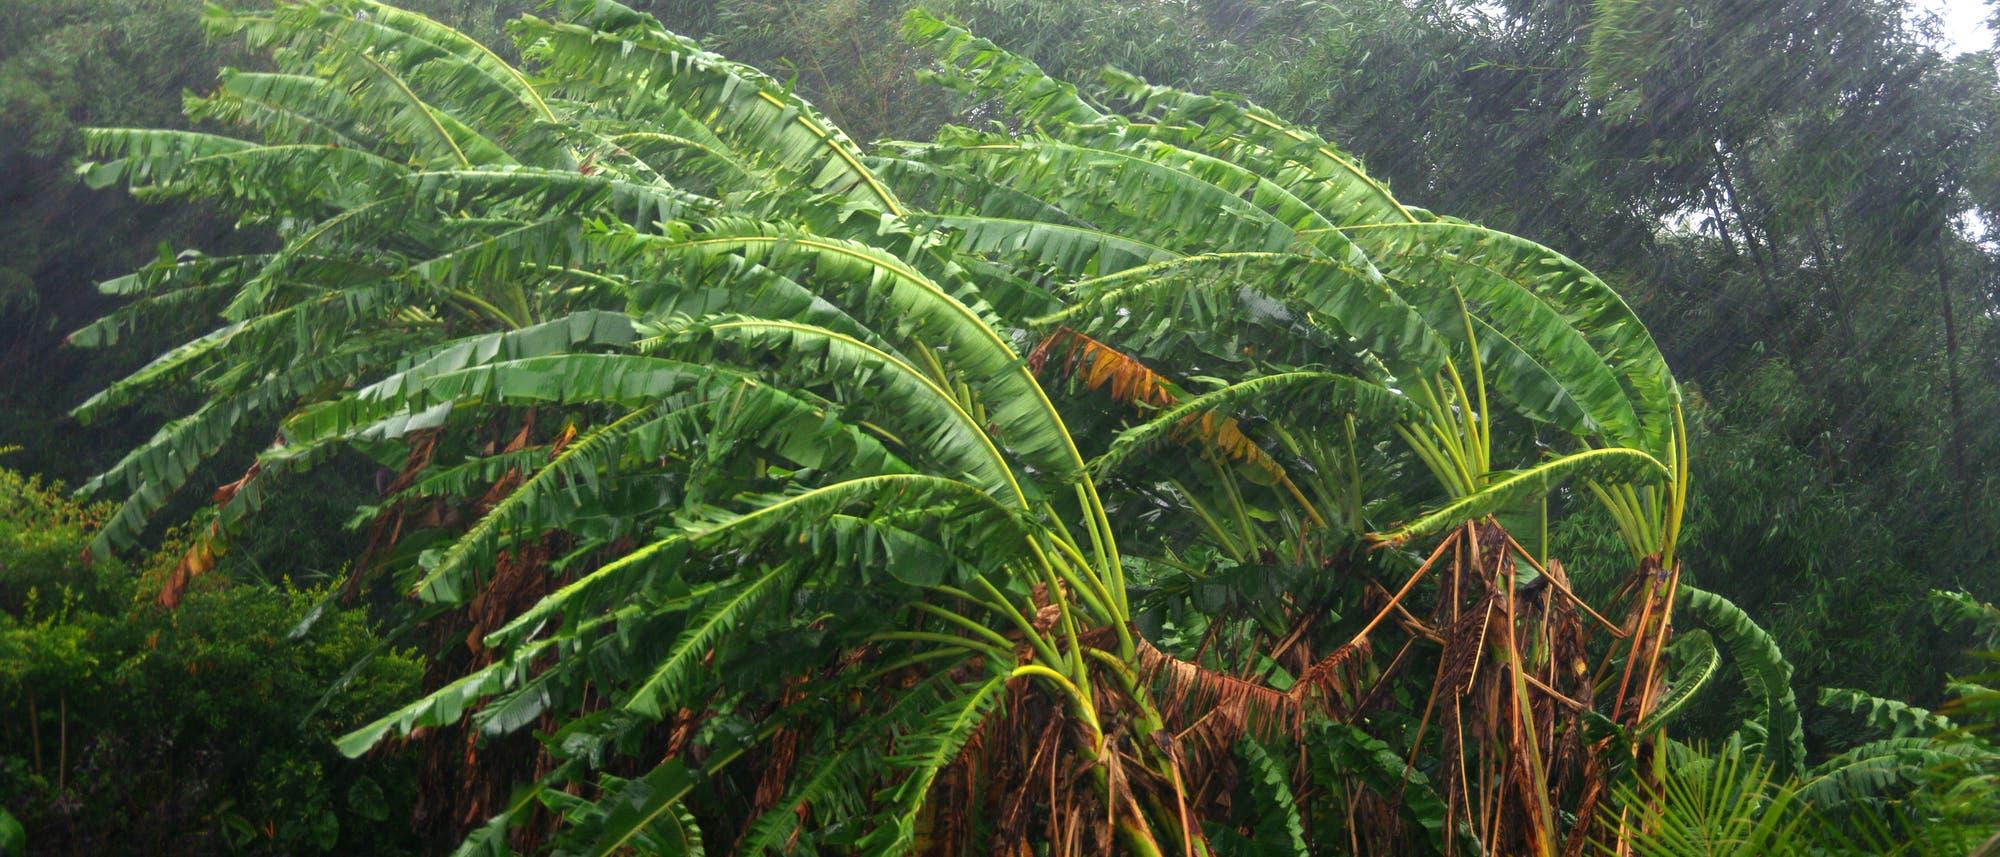 Zwei von starkem Wind gepeitschte Palmen vor dem Hintergrund eines tropischen Waldes.